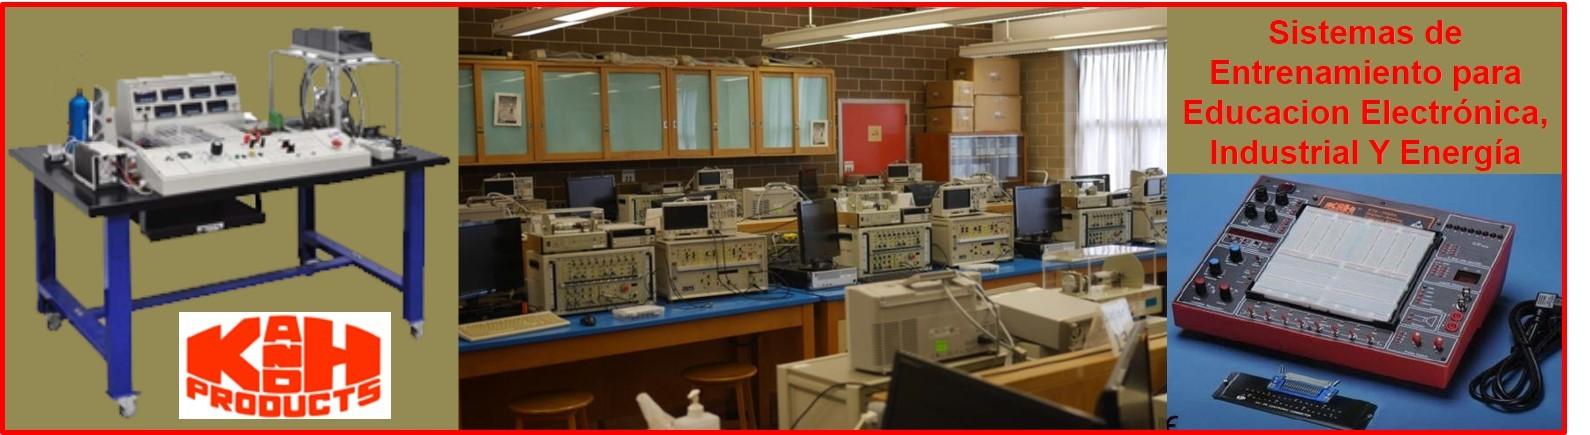 Sistemas De Entrenamiento Para ElectrónicaEducacional, Industrial Y Energía